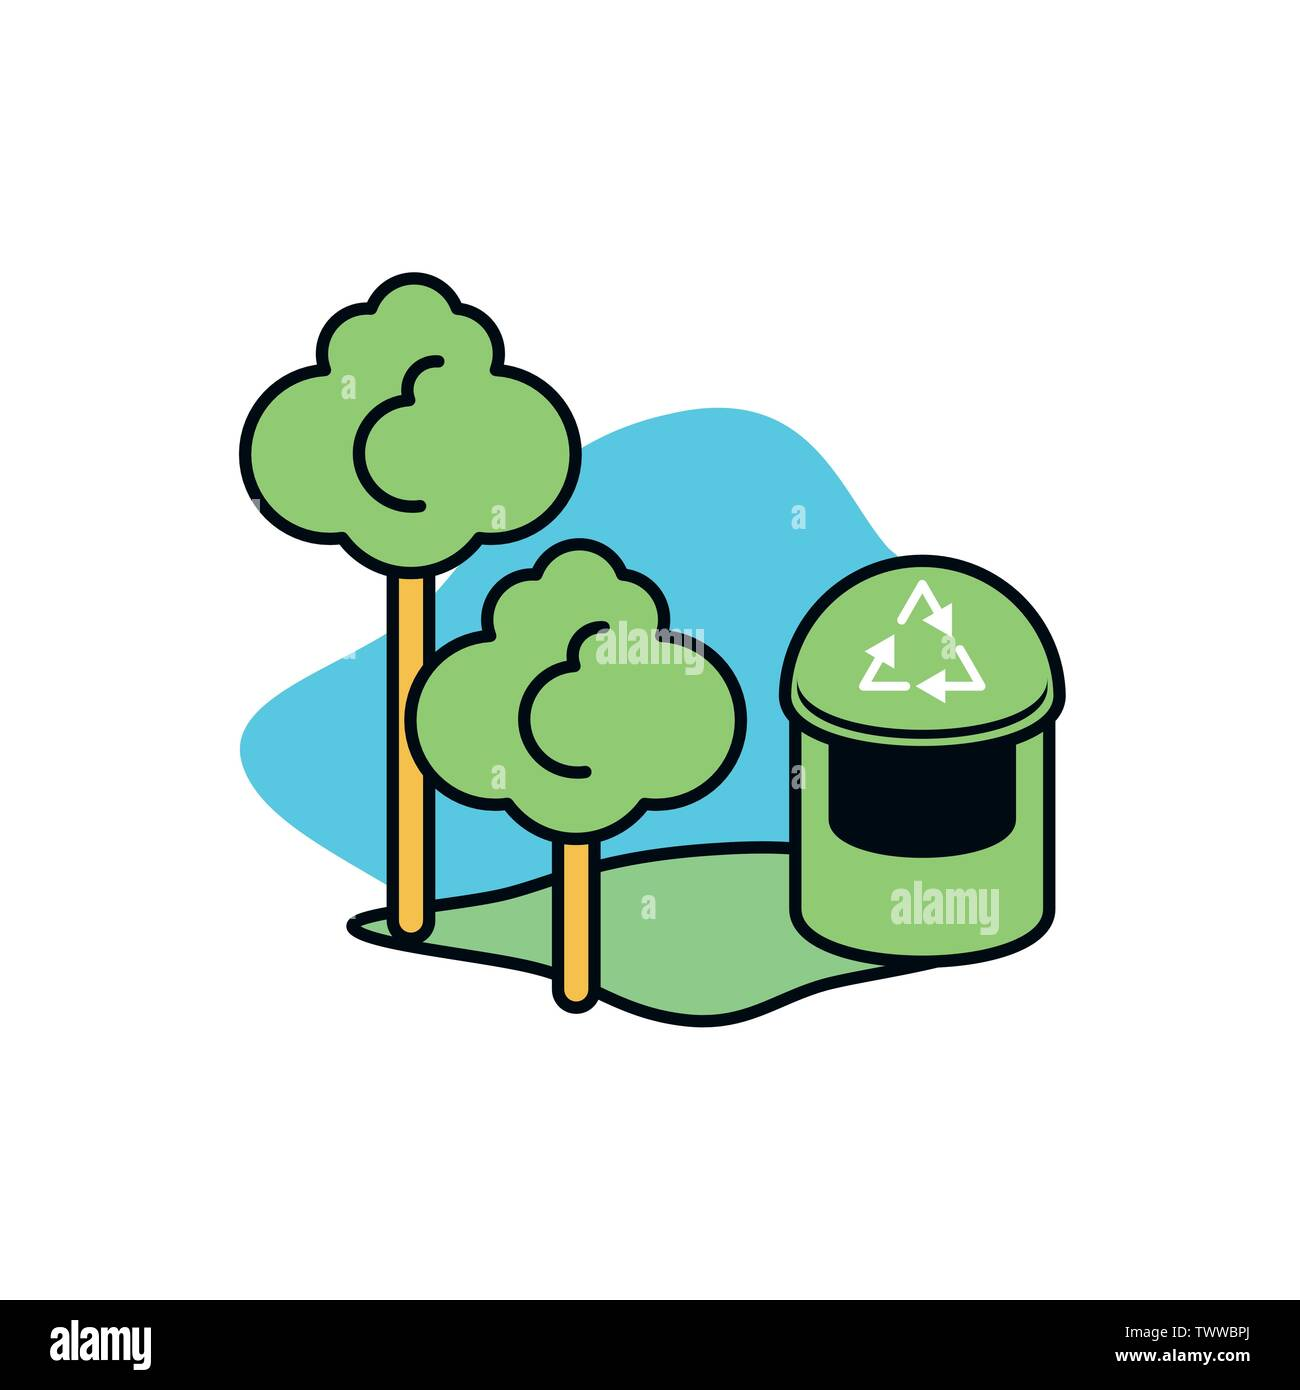 Corbeille conception, durabilité écologique et renouvelable écologie recyclage vert thème solution Vector illustration Photo Stock